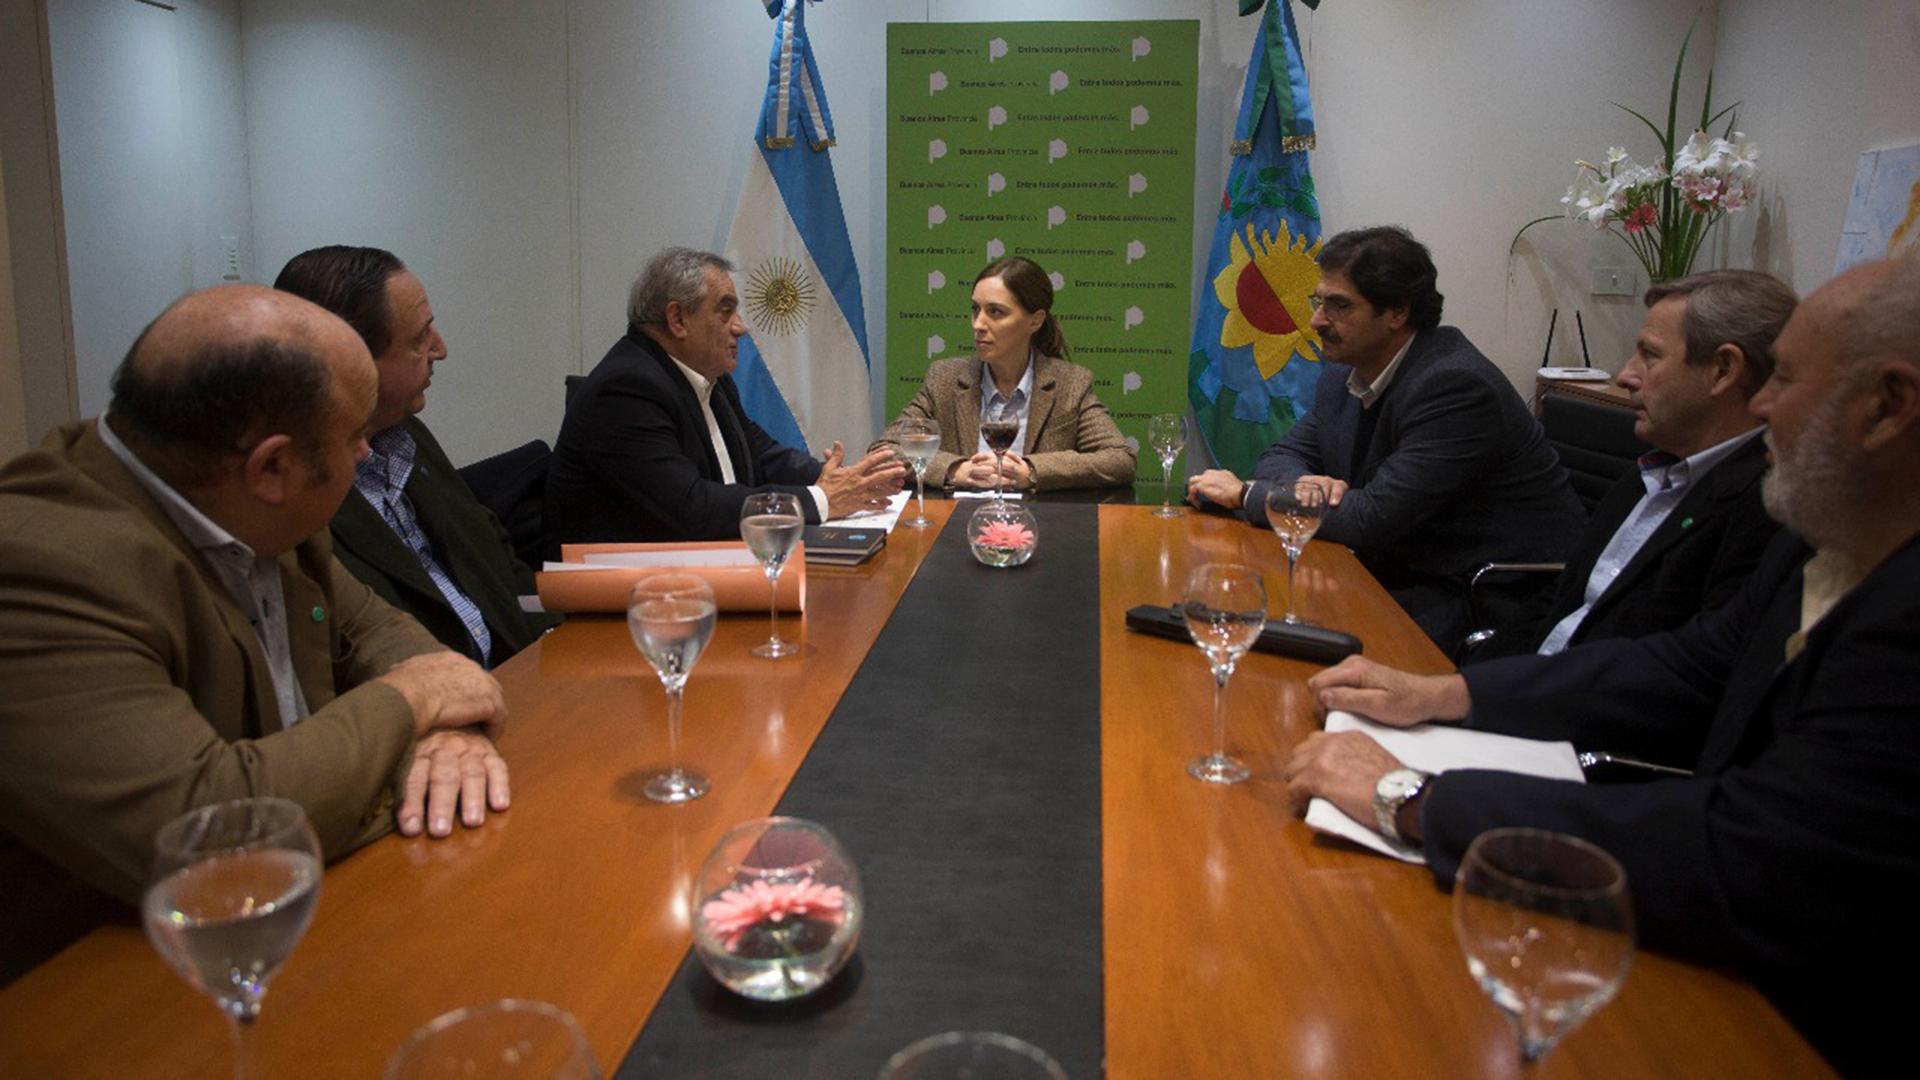 María Eugenia Vidal, gobernadora de la provincia de Buenos Aires, se reunió ayer con los representantes de Coninagro. El financiamiento, eje del encuentro